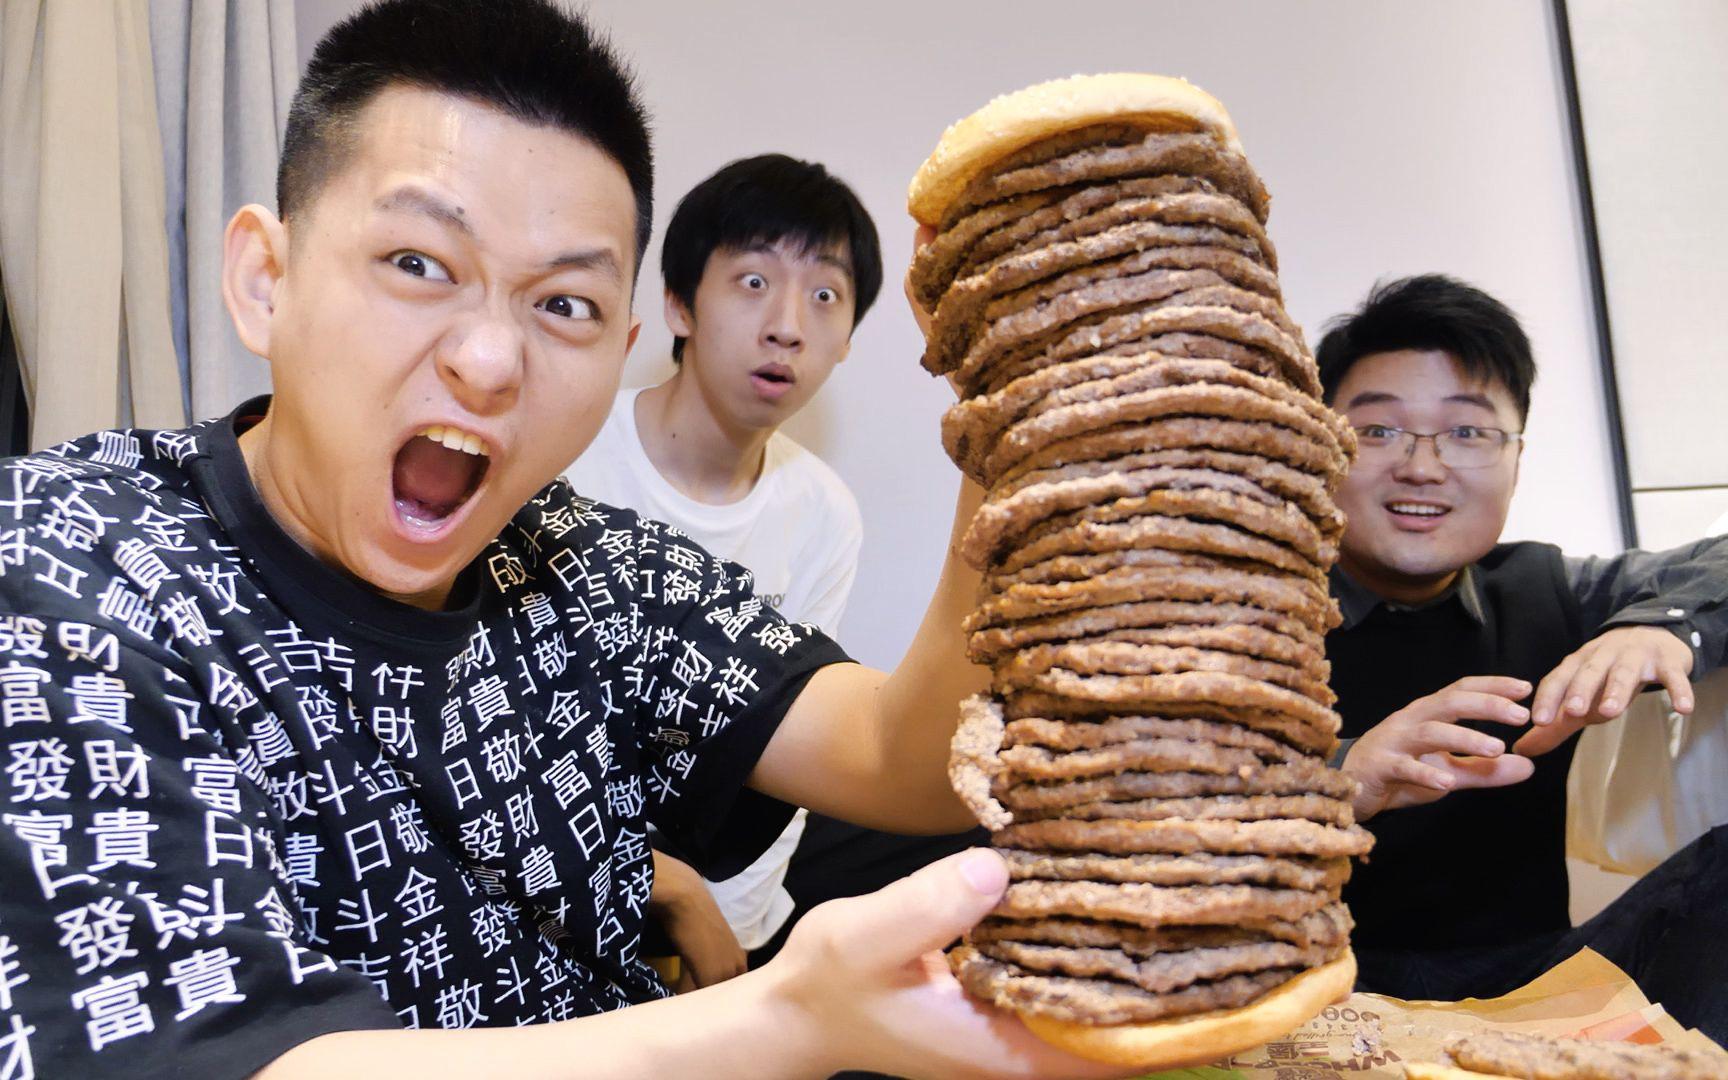 挑战五十层肉饼的巨型汉堡!三个吃播能够挑战成功吗?